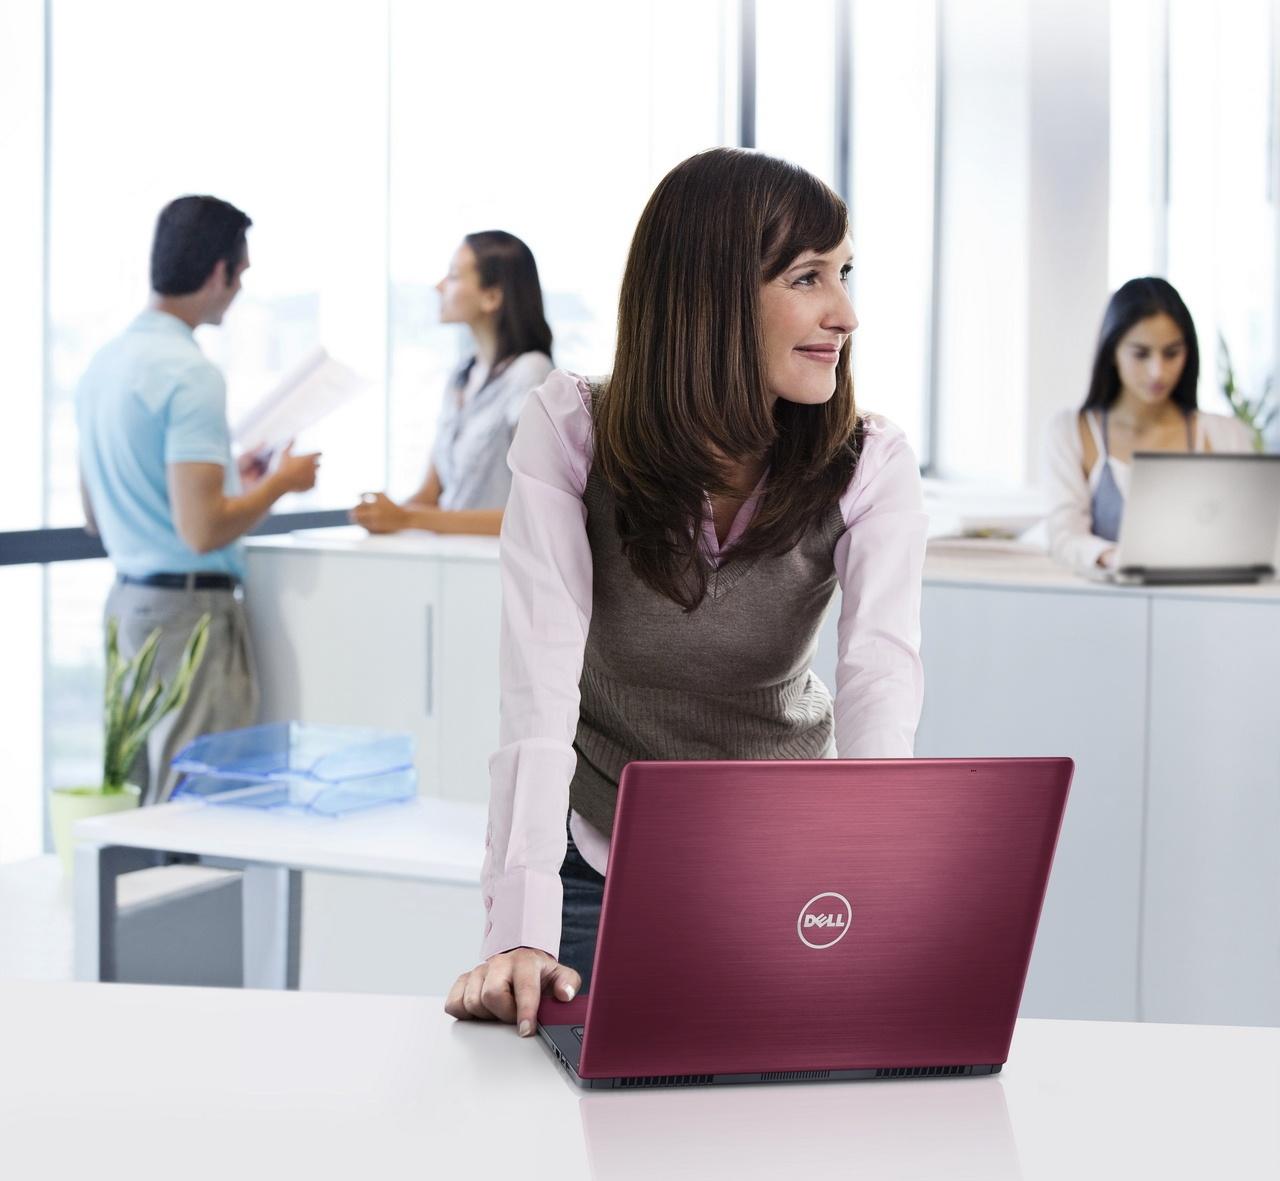 Ноутбук Dell Vostro 14 (5480): Хорошо сбалансированная доступность - 15